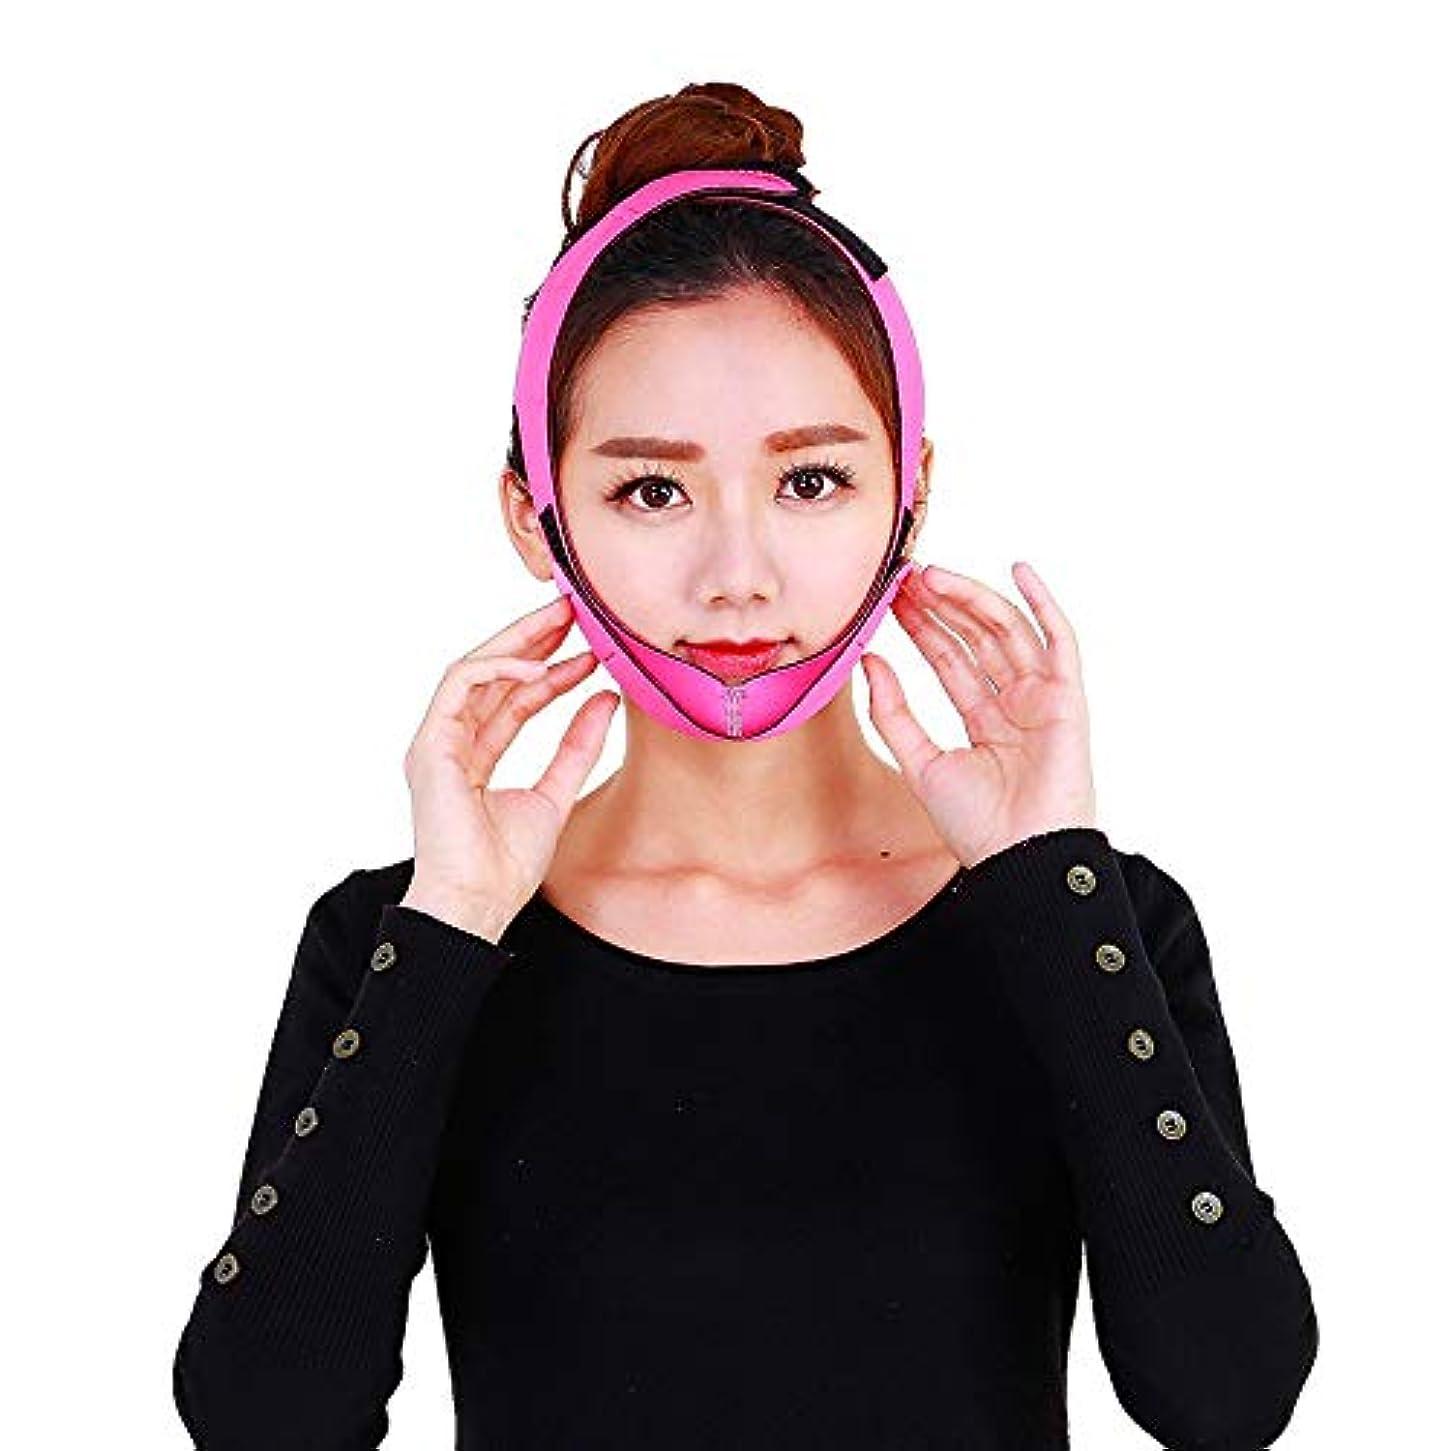 反対した該当する遠足二重顎ベルト、美容マスク、しっかり持ち上げ、顔を持ち上げる包帯、V字形の人工物